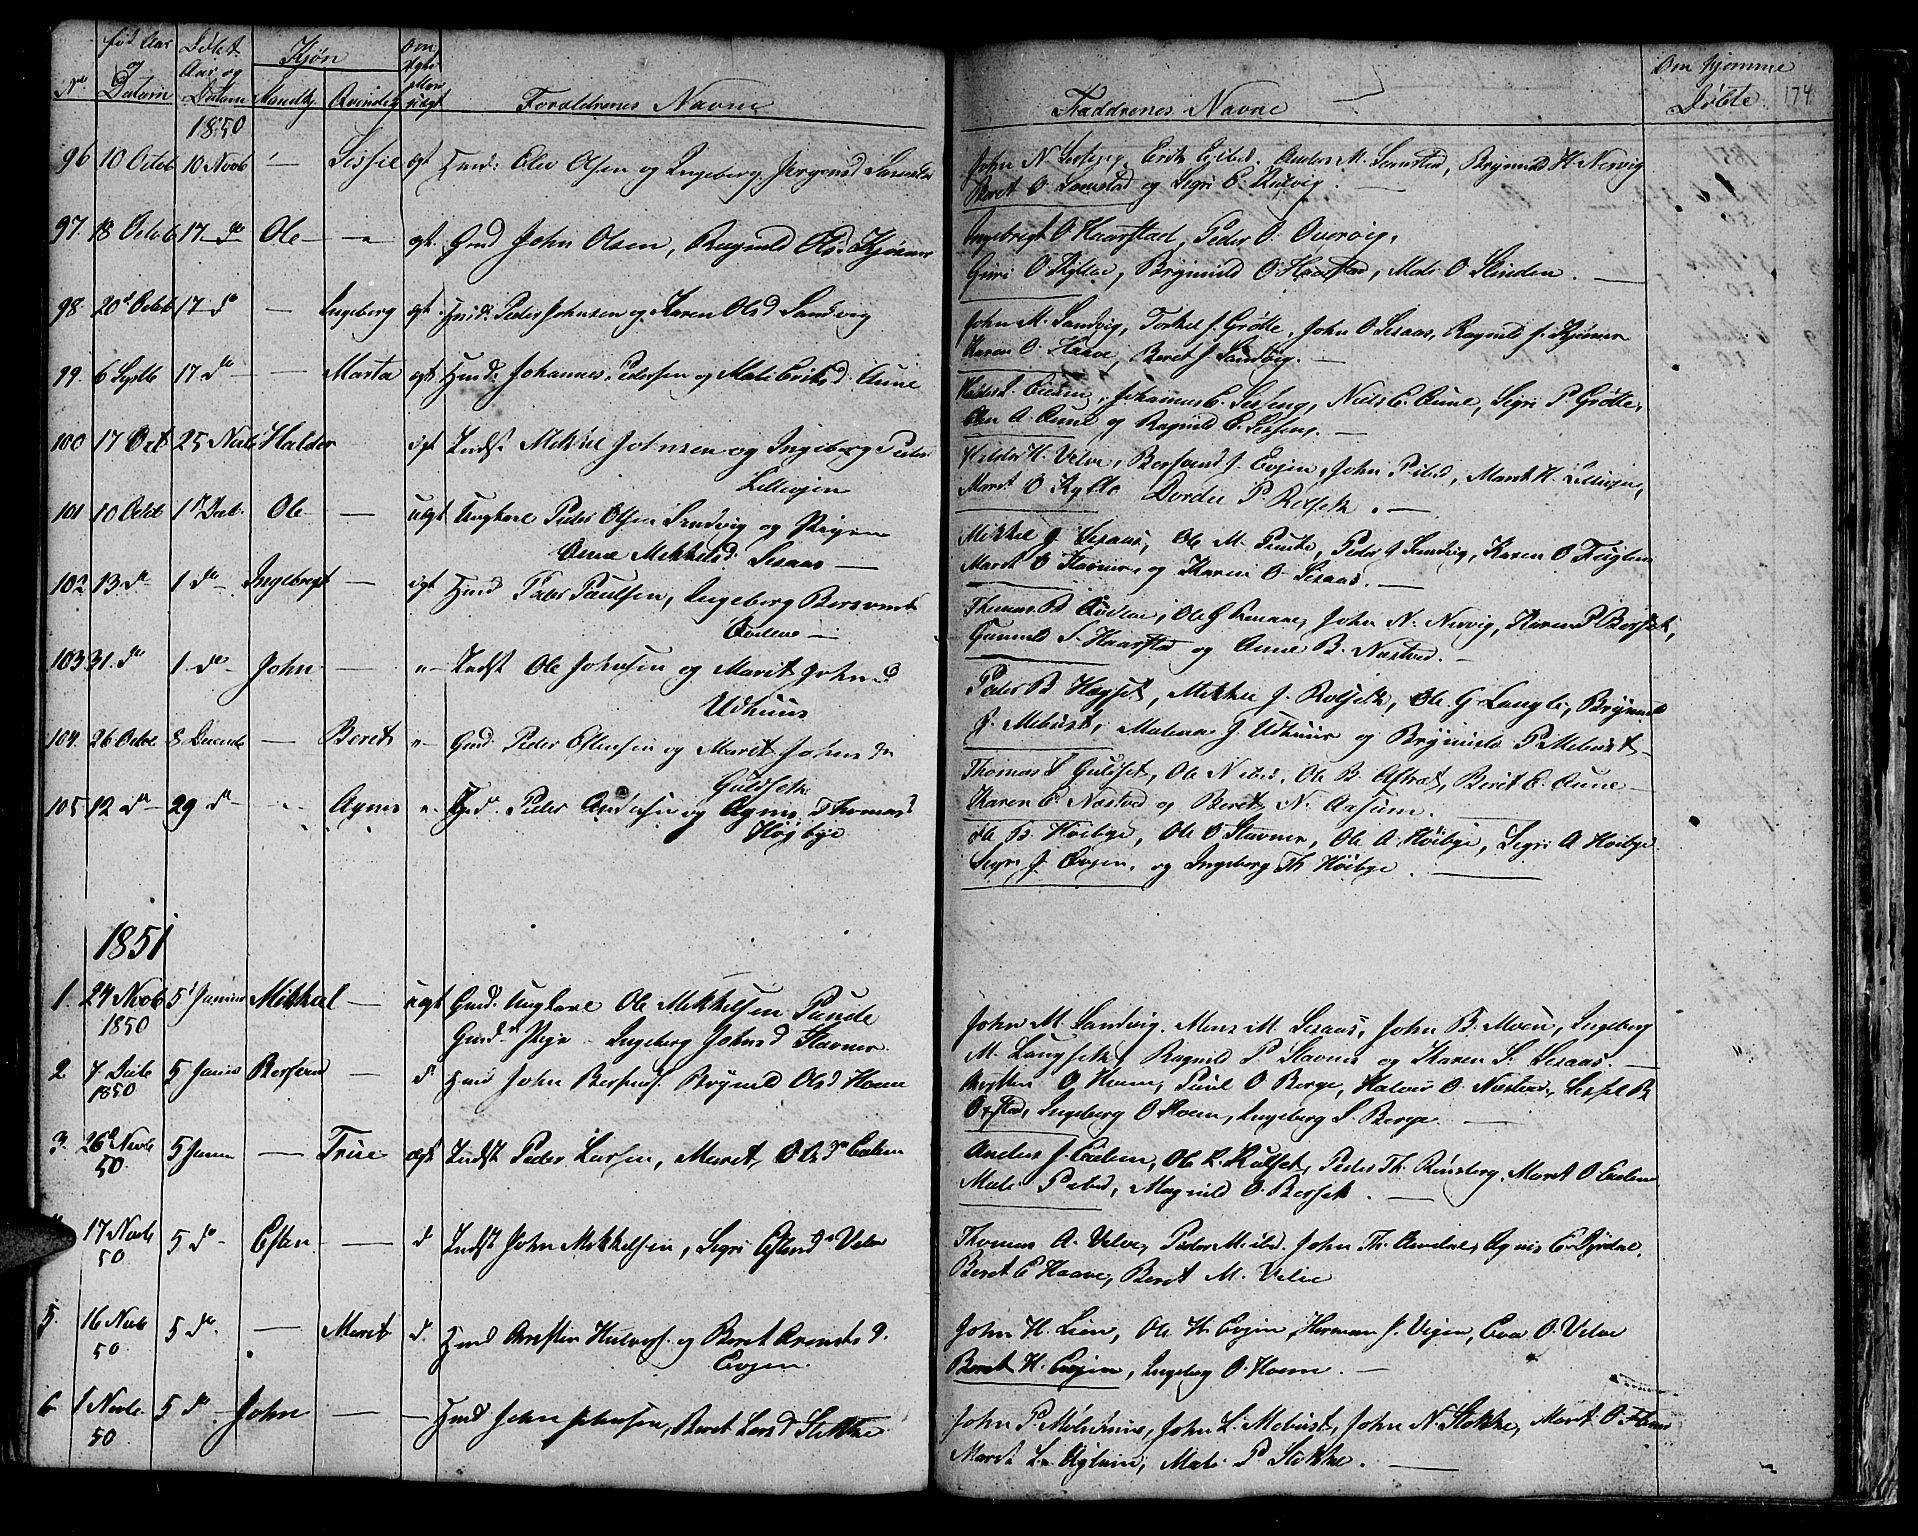 SAT, Ministerialprotokoller, klokkerbøker og fødselsregistre - Sør-Trøndelag, 695/L1154: Klokkerbok nr. 695C05, 1842-1858, s. 174